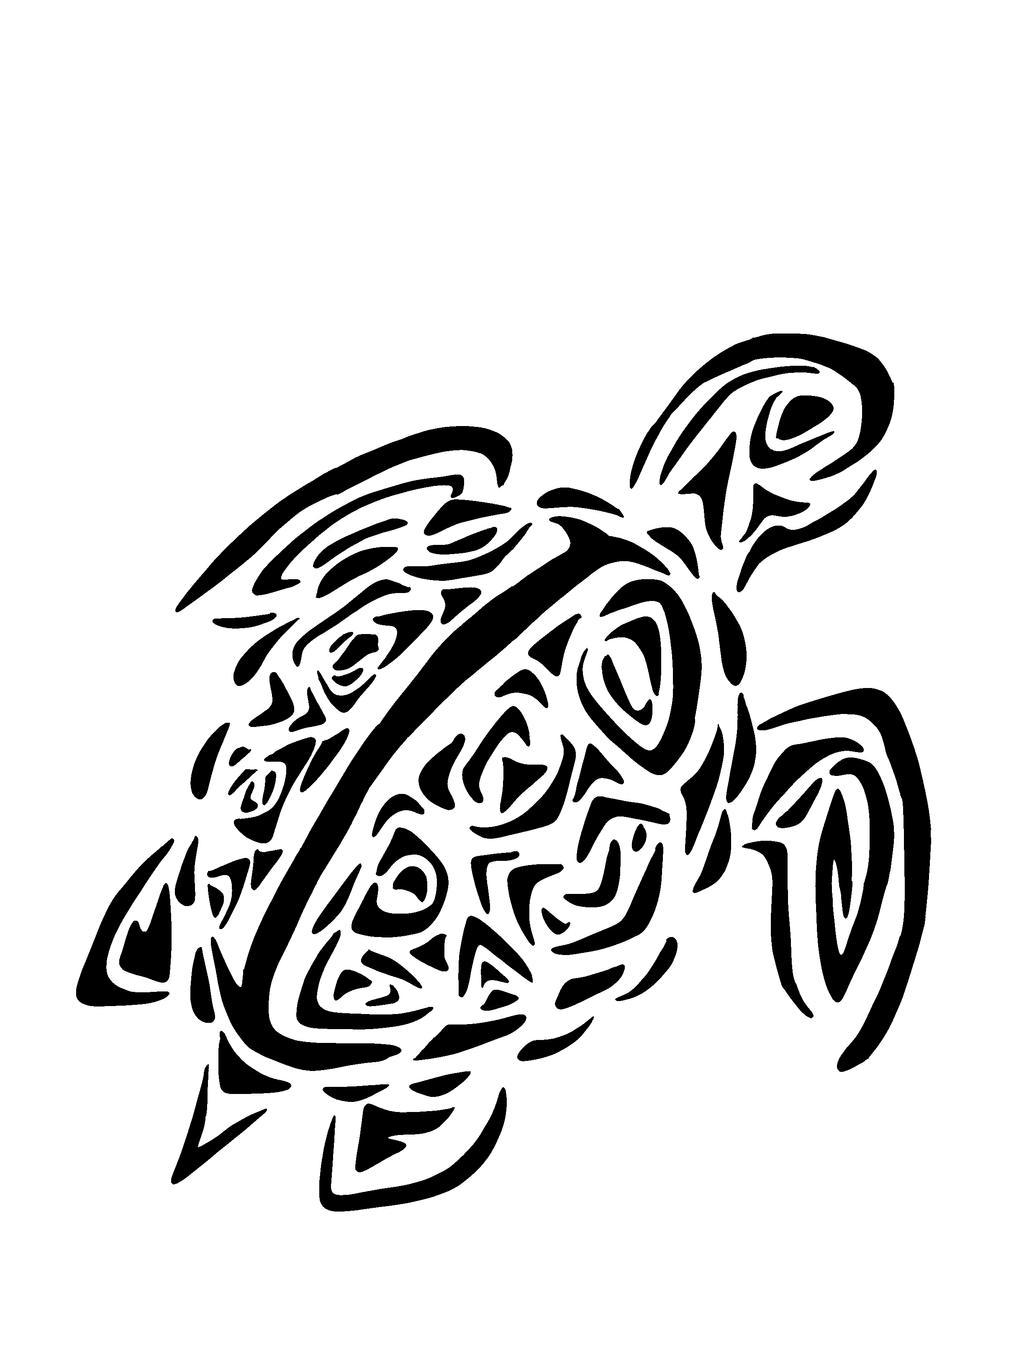 Hawaiian turtle designs color - photo#7